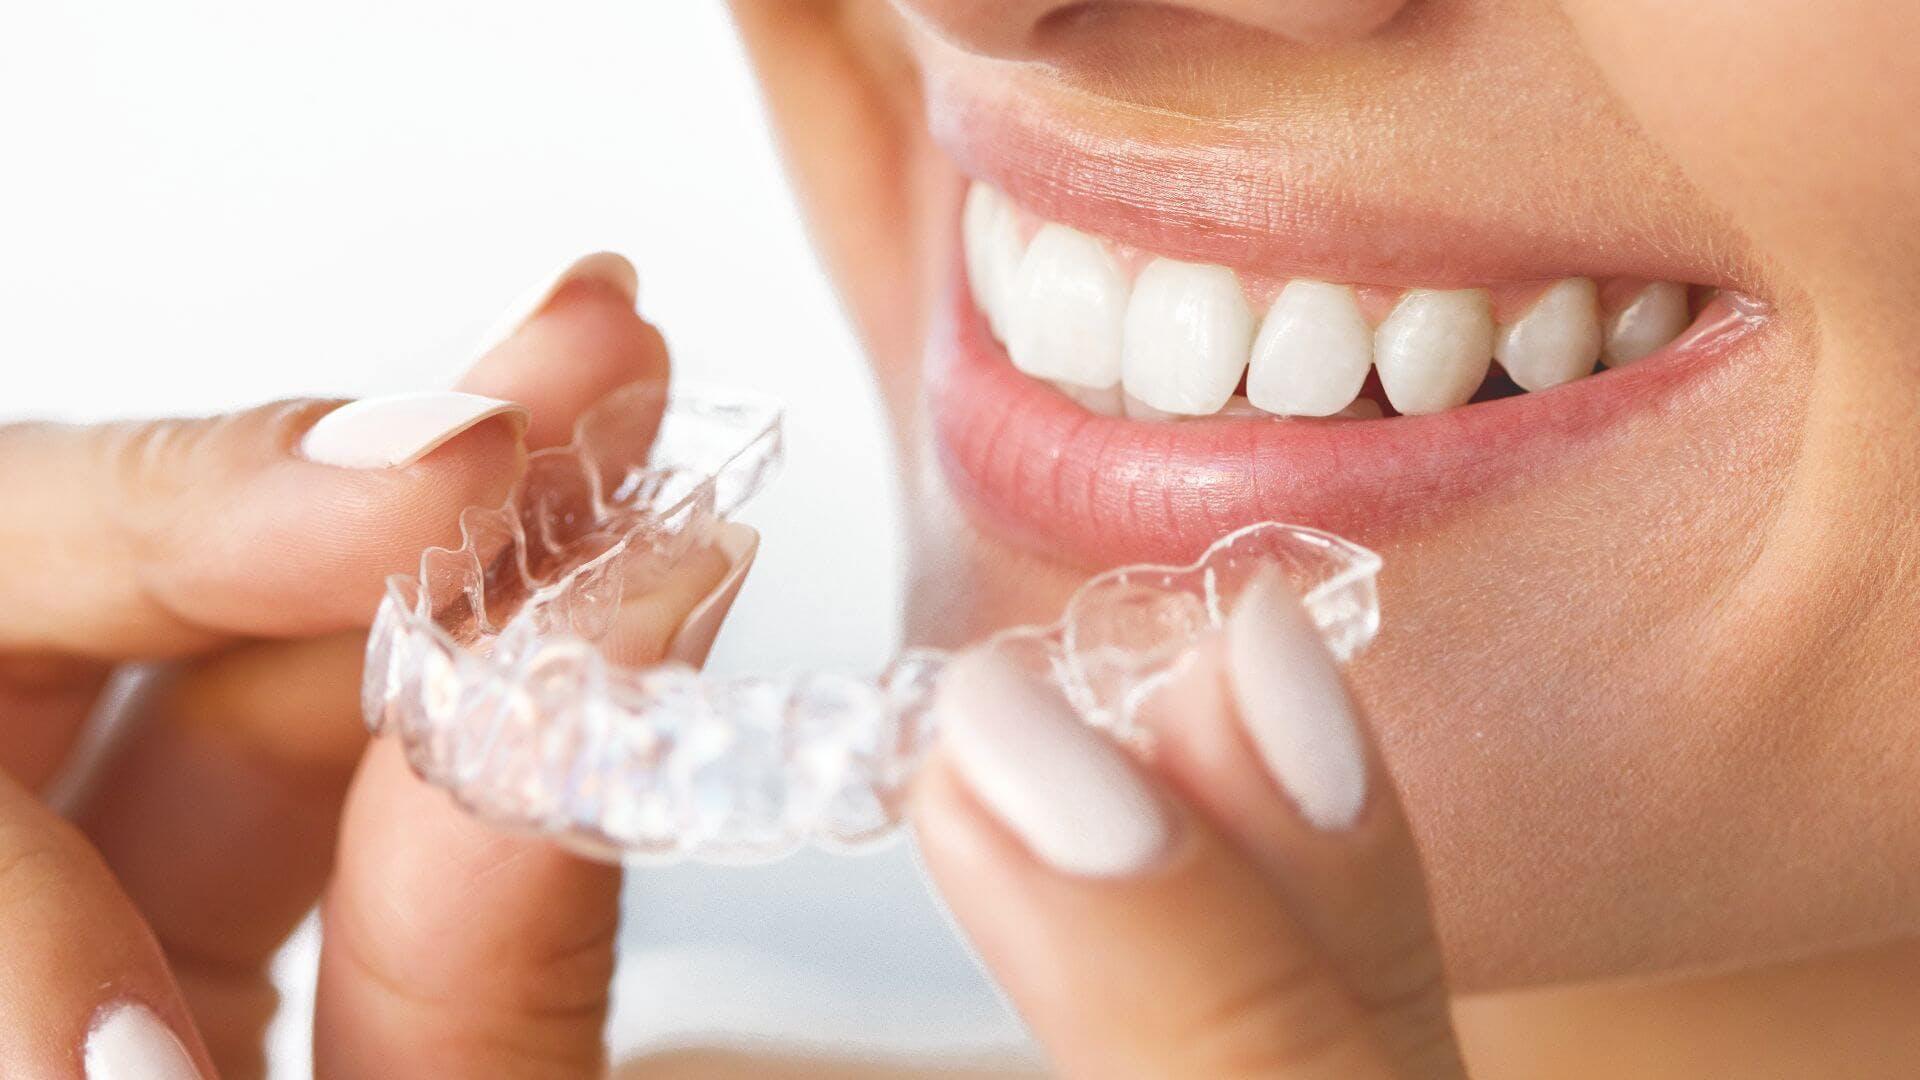 Nainen asettaa hammaskiskot suuhunsa